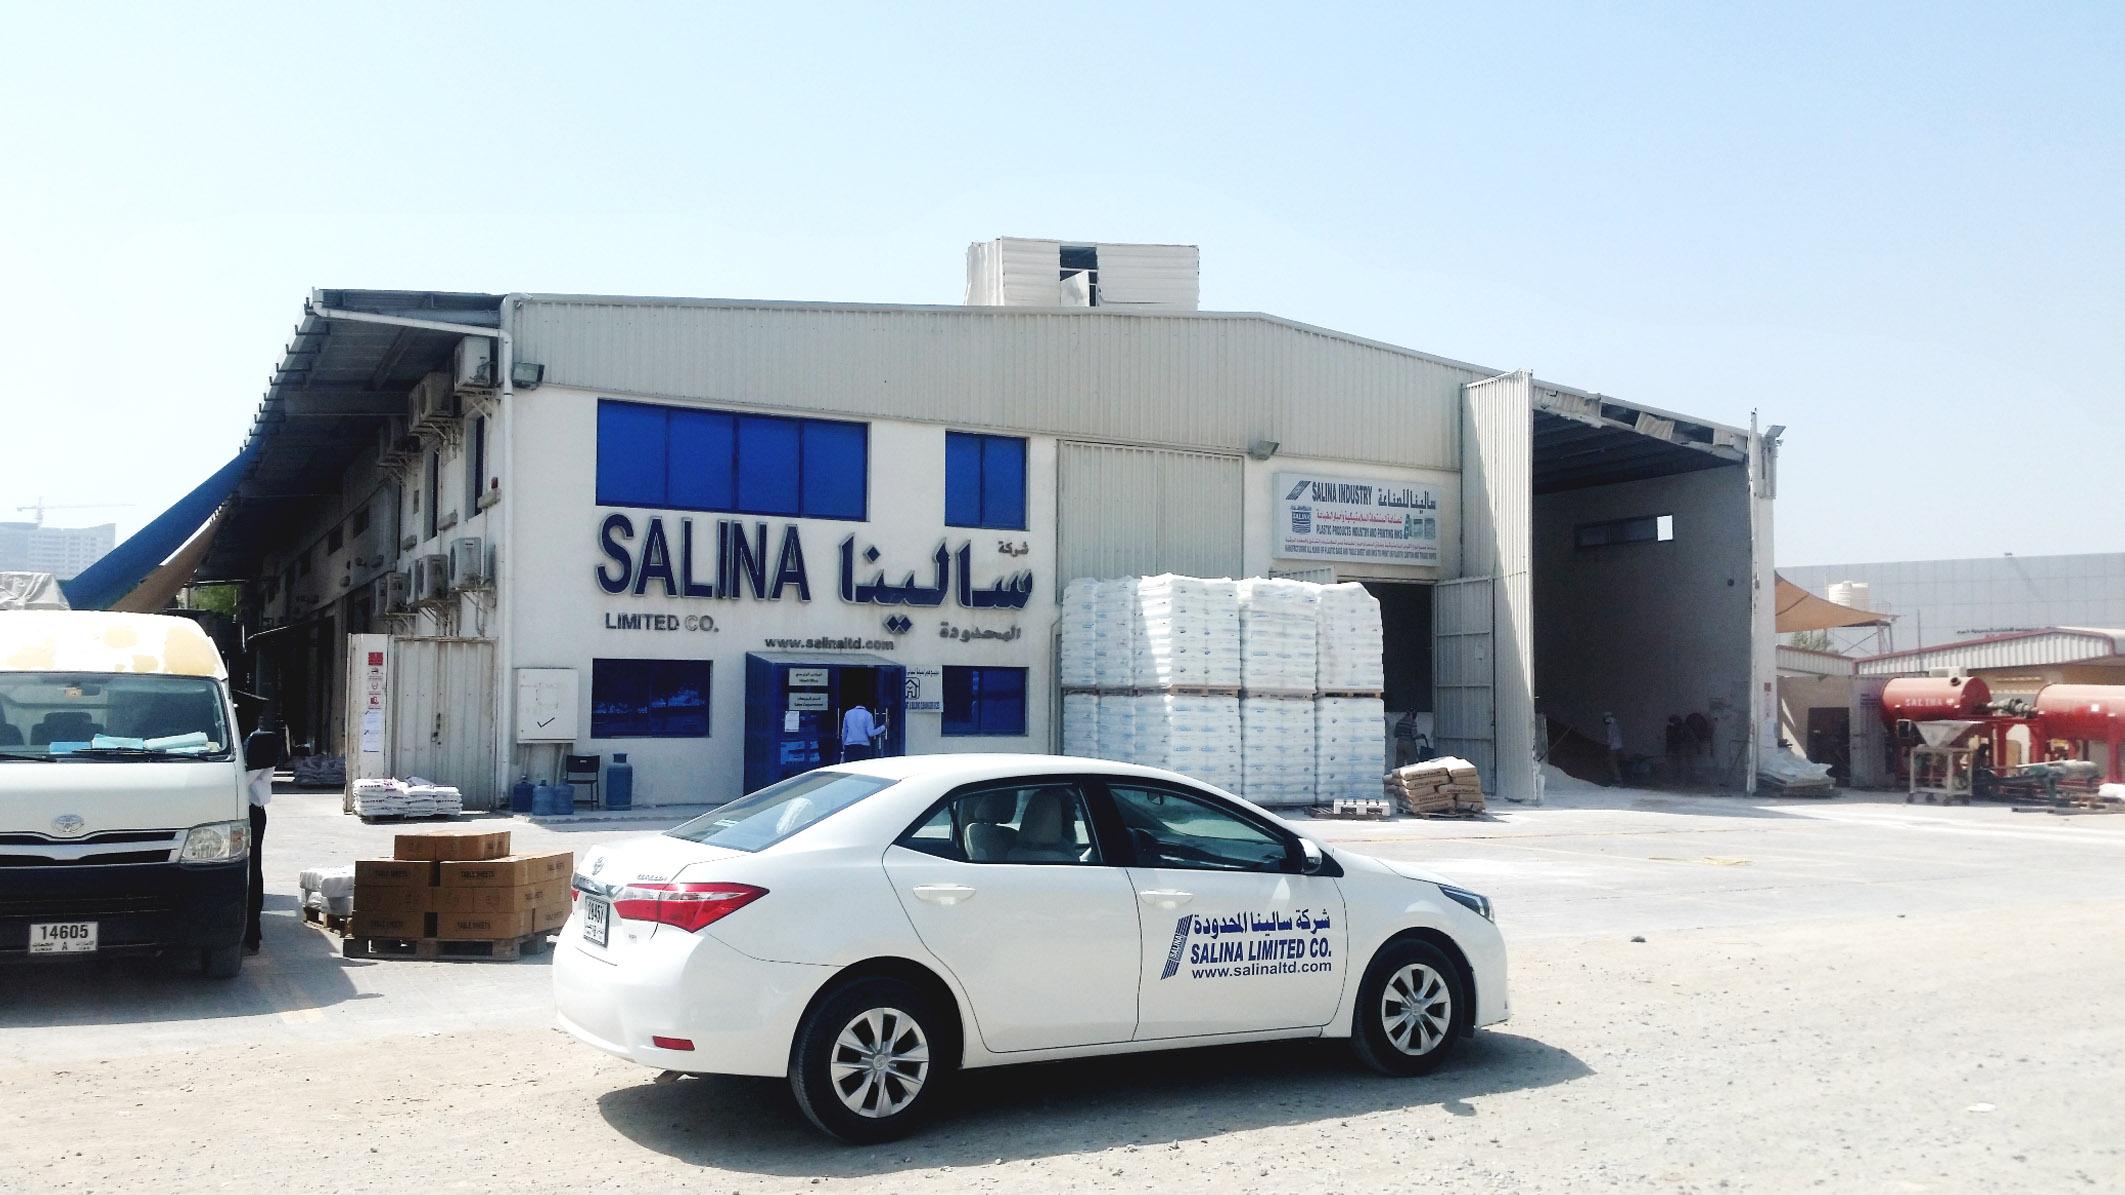 Salina Limited Company L.T.D.